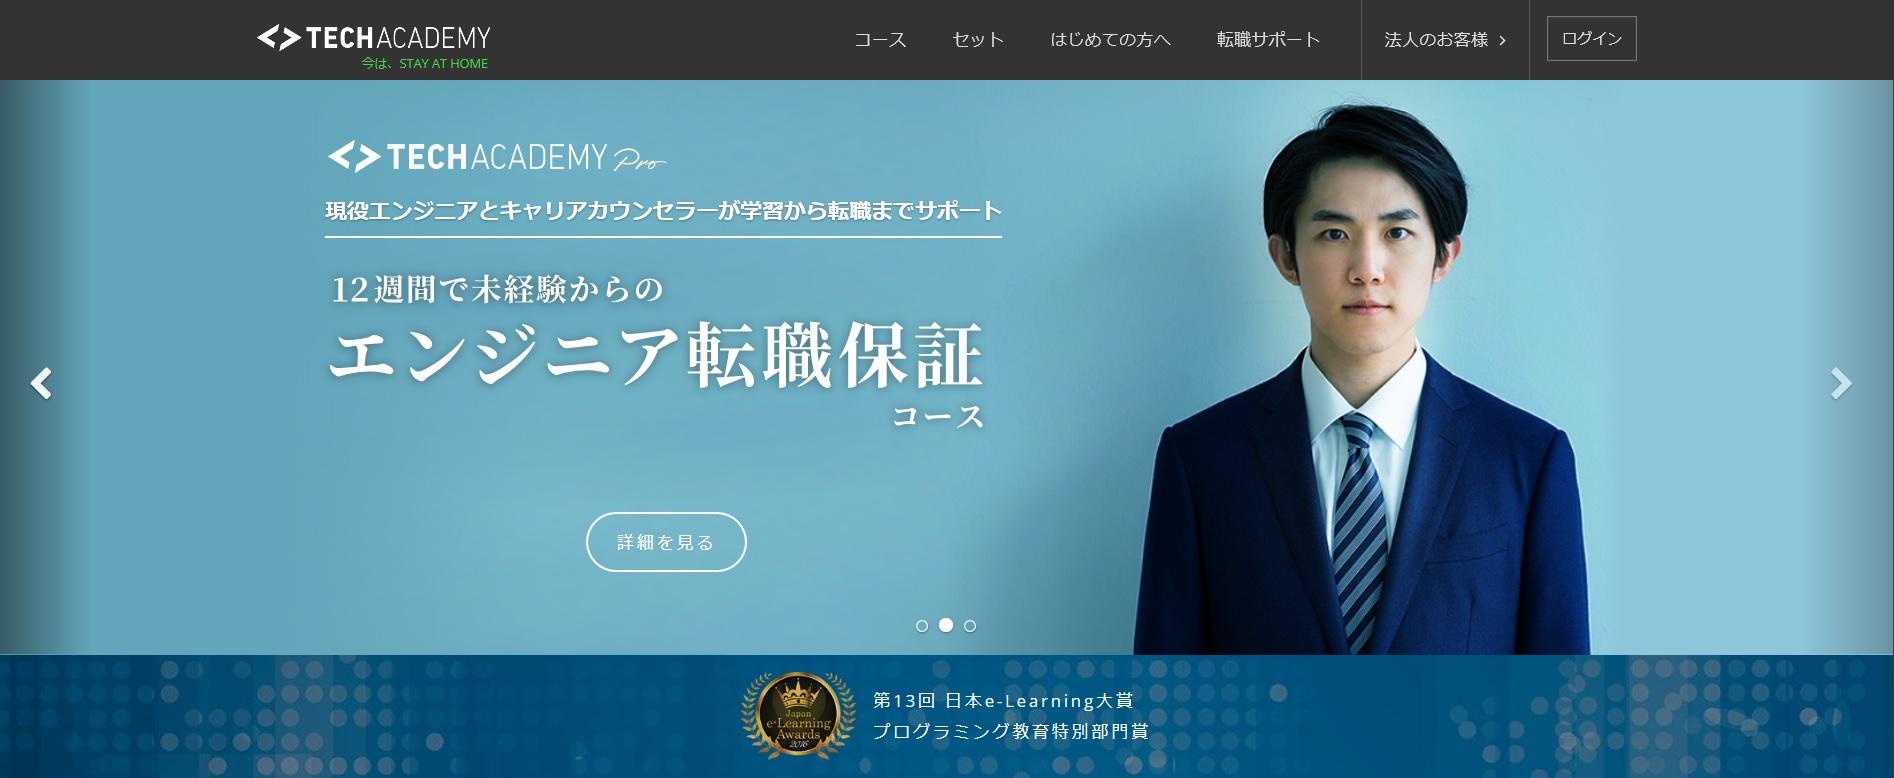 techacademy pro公式ページ画像